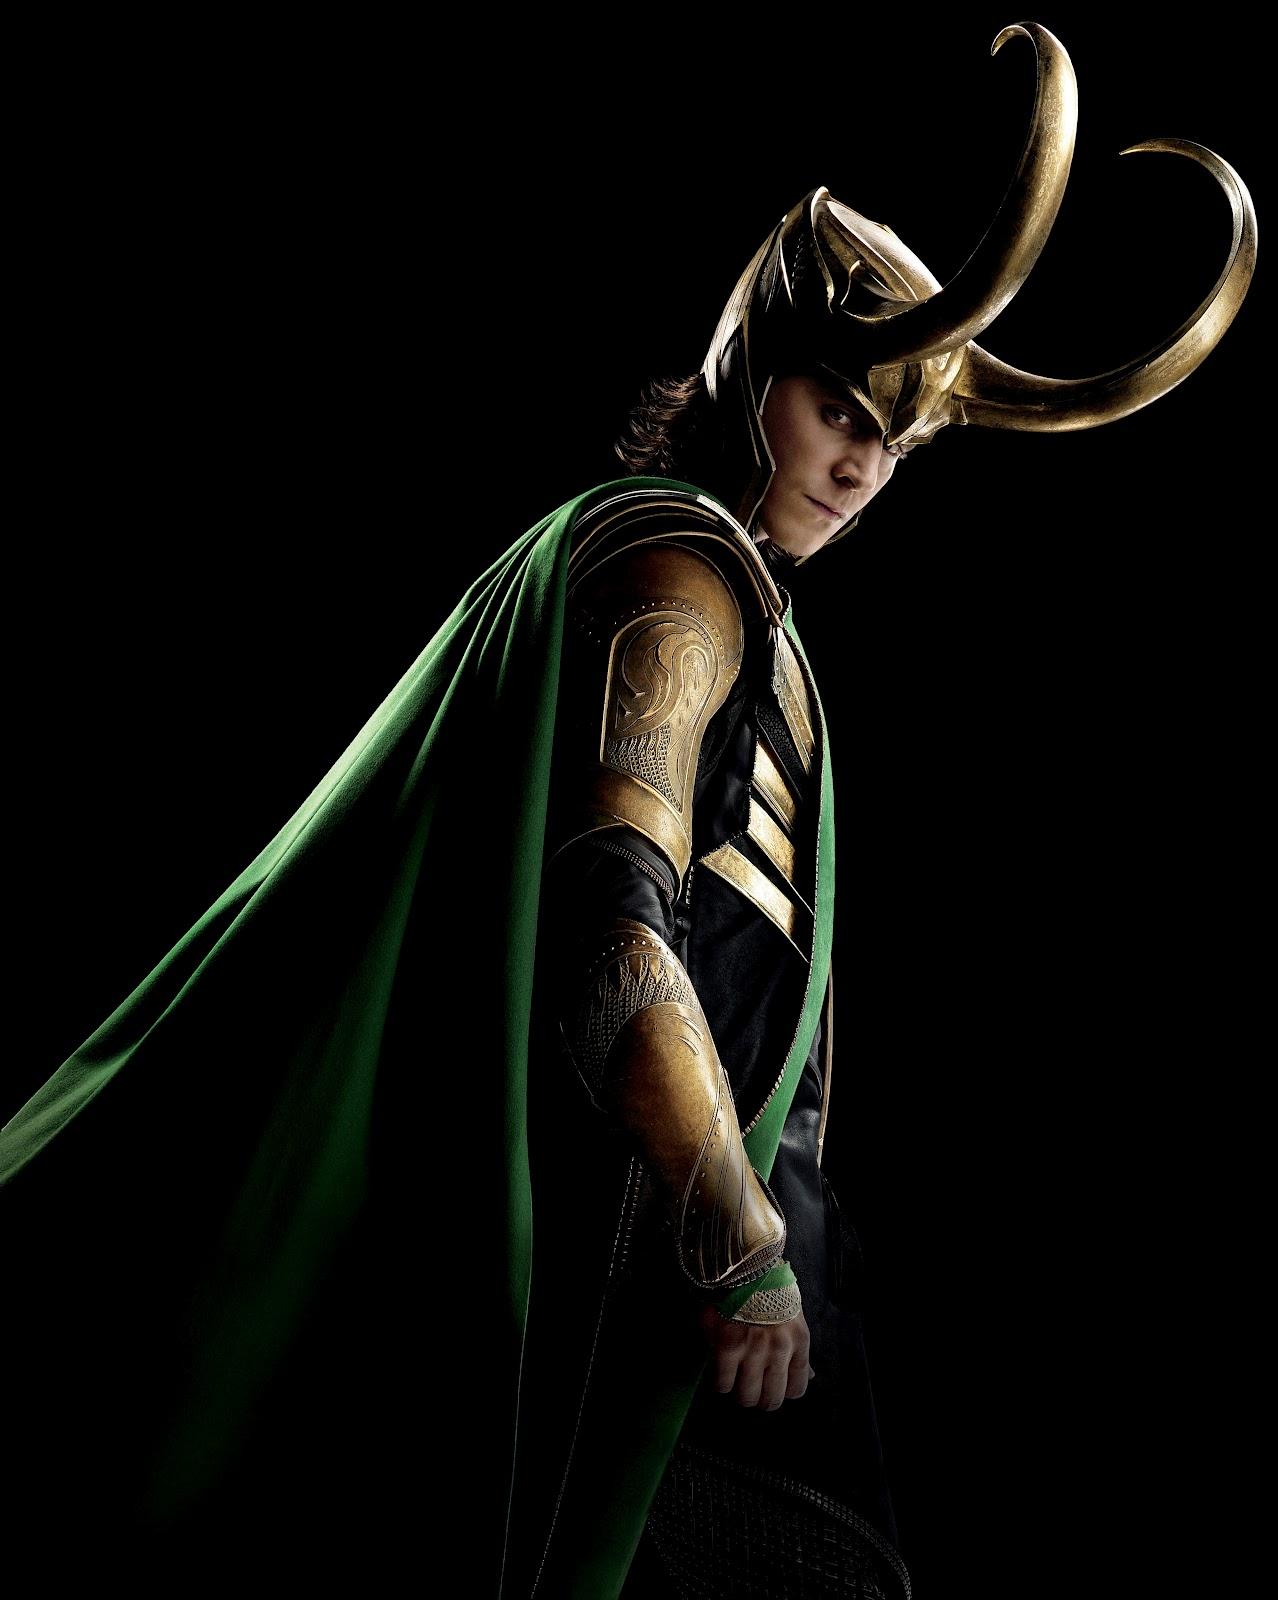 http://3.bp.blogspot.com/-pBOv_mYzSKo/T_i4NkNZraI/AAAAAAAABAg/mHhUnOxXWoE/s1600/Loki.jpg